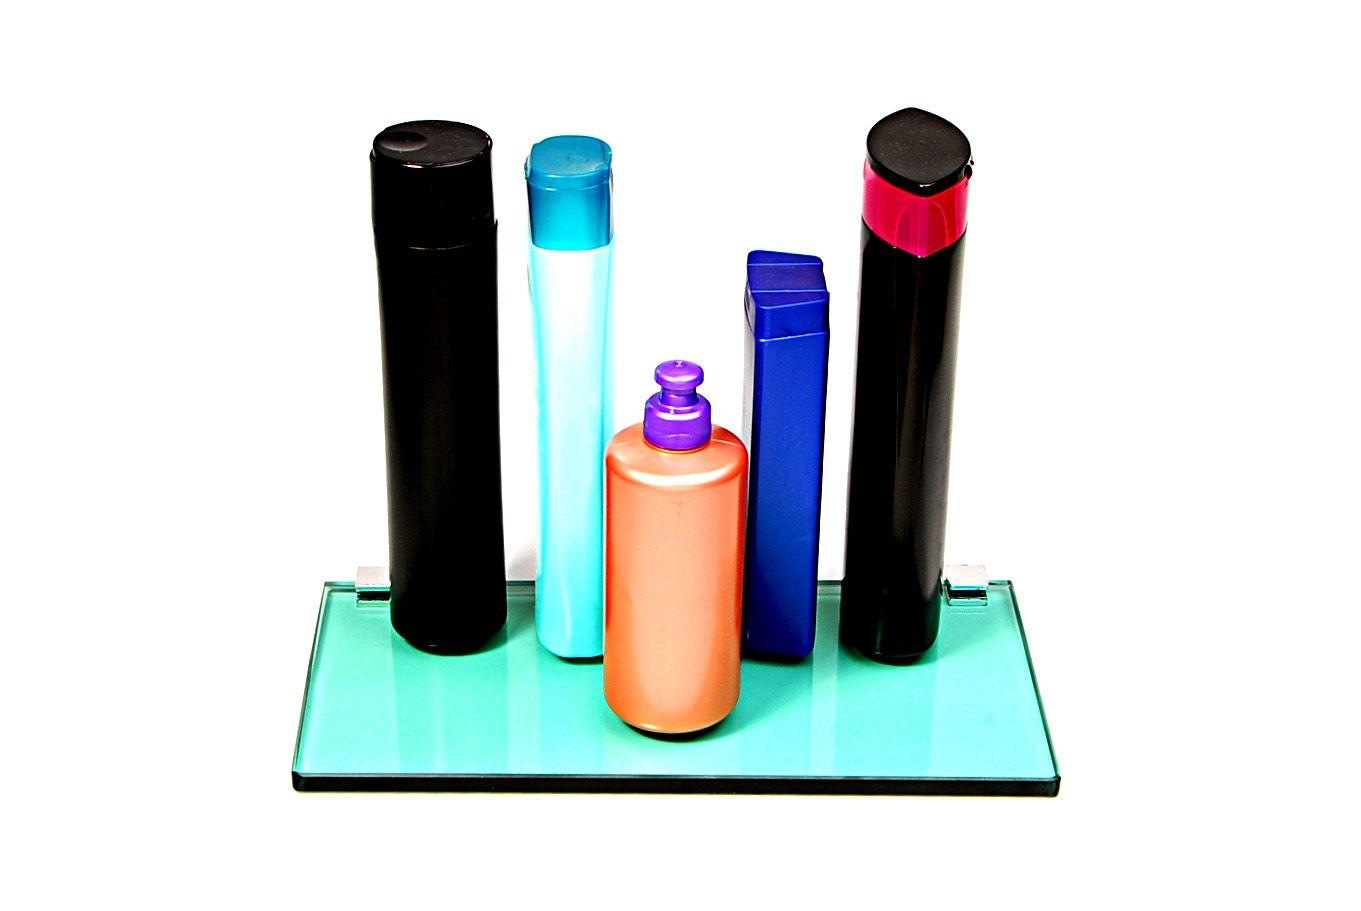 Porta Shampoo Reto em Vidro Verde Lapidado - Aquabox  - 30cmx14cmx10mm